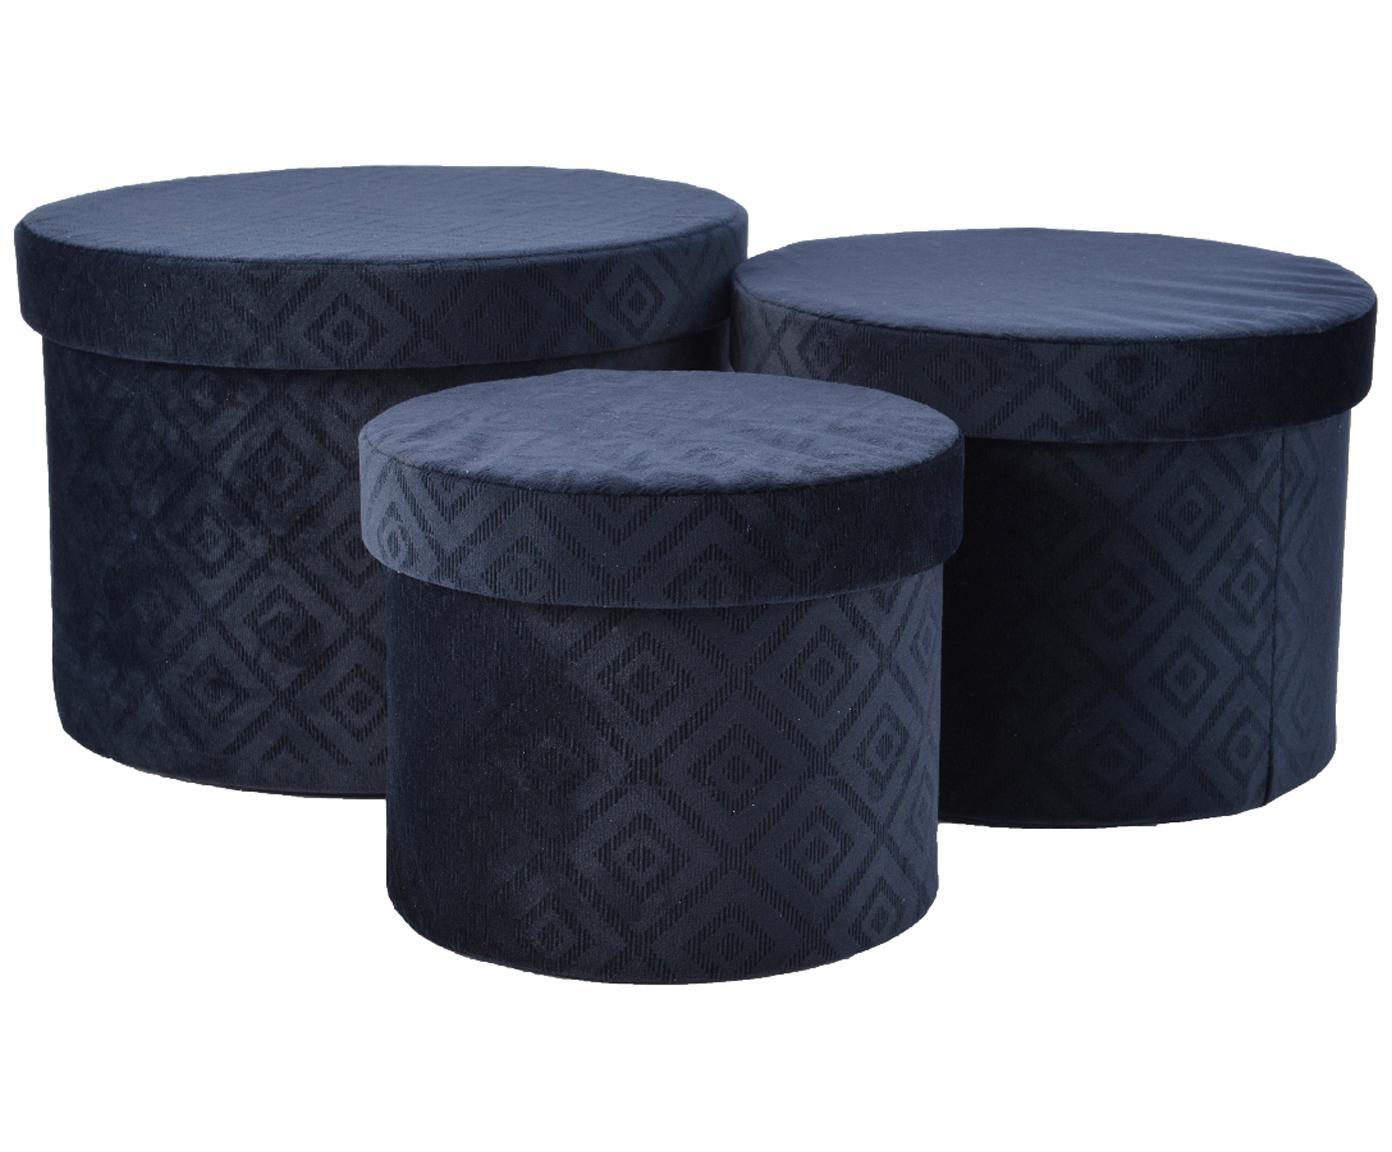 Komplet pudełek prezentowych z aksamitu Trinity Caro, 3elem., Aksamit poliestrowy, Ciemny niebieski, Różne rozmiary